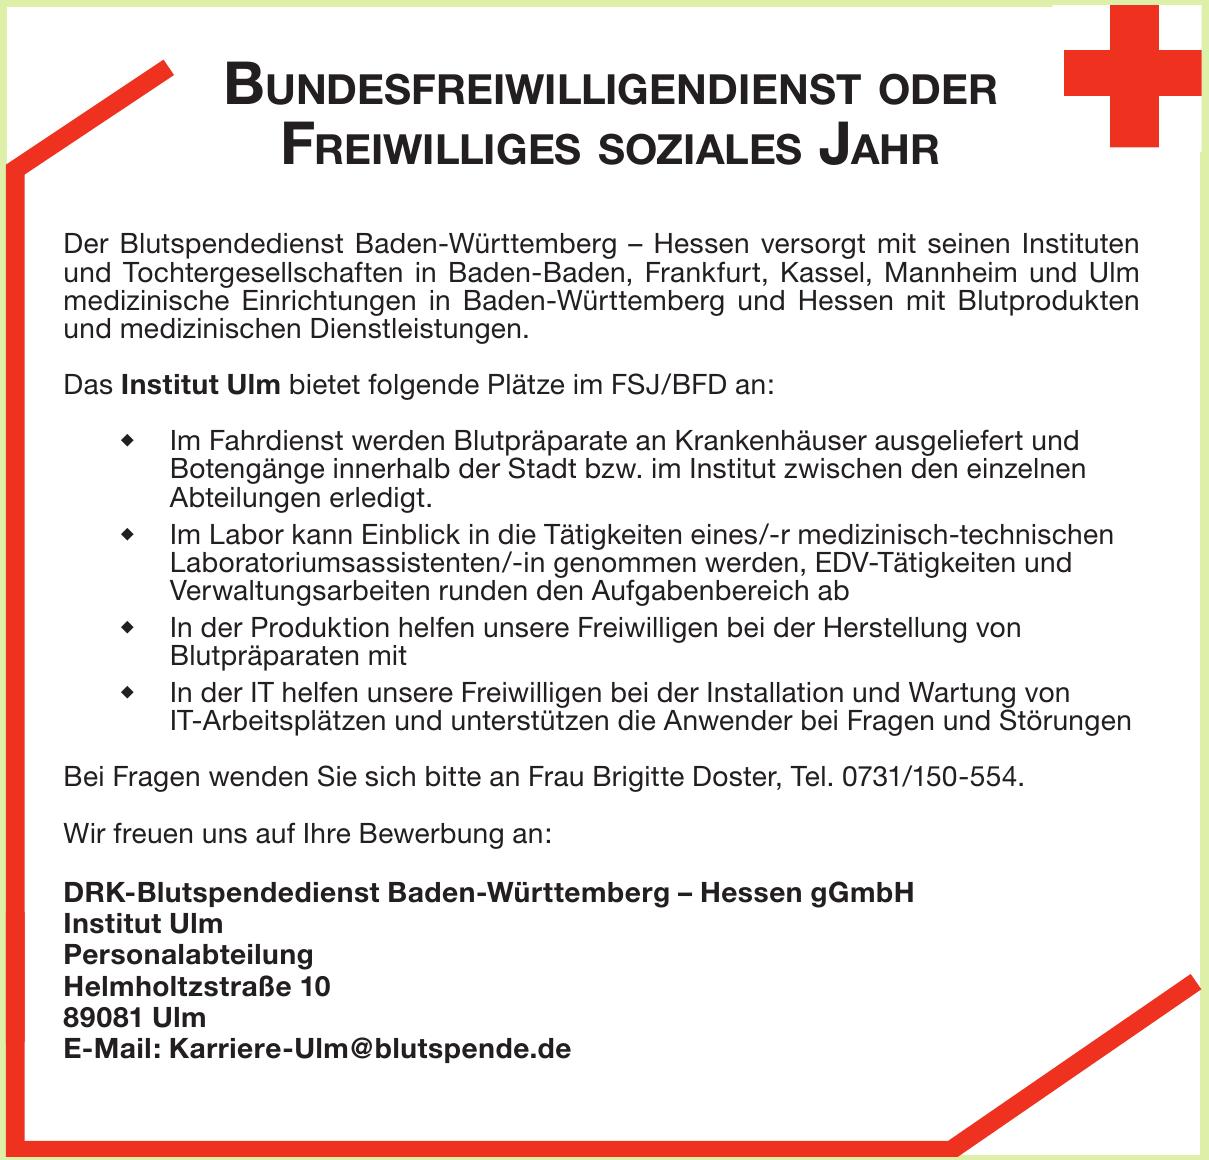 DRK-Blutspendedienst Baden-Württemberg – Hessen gGmbH